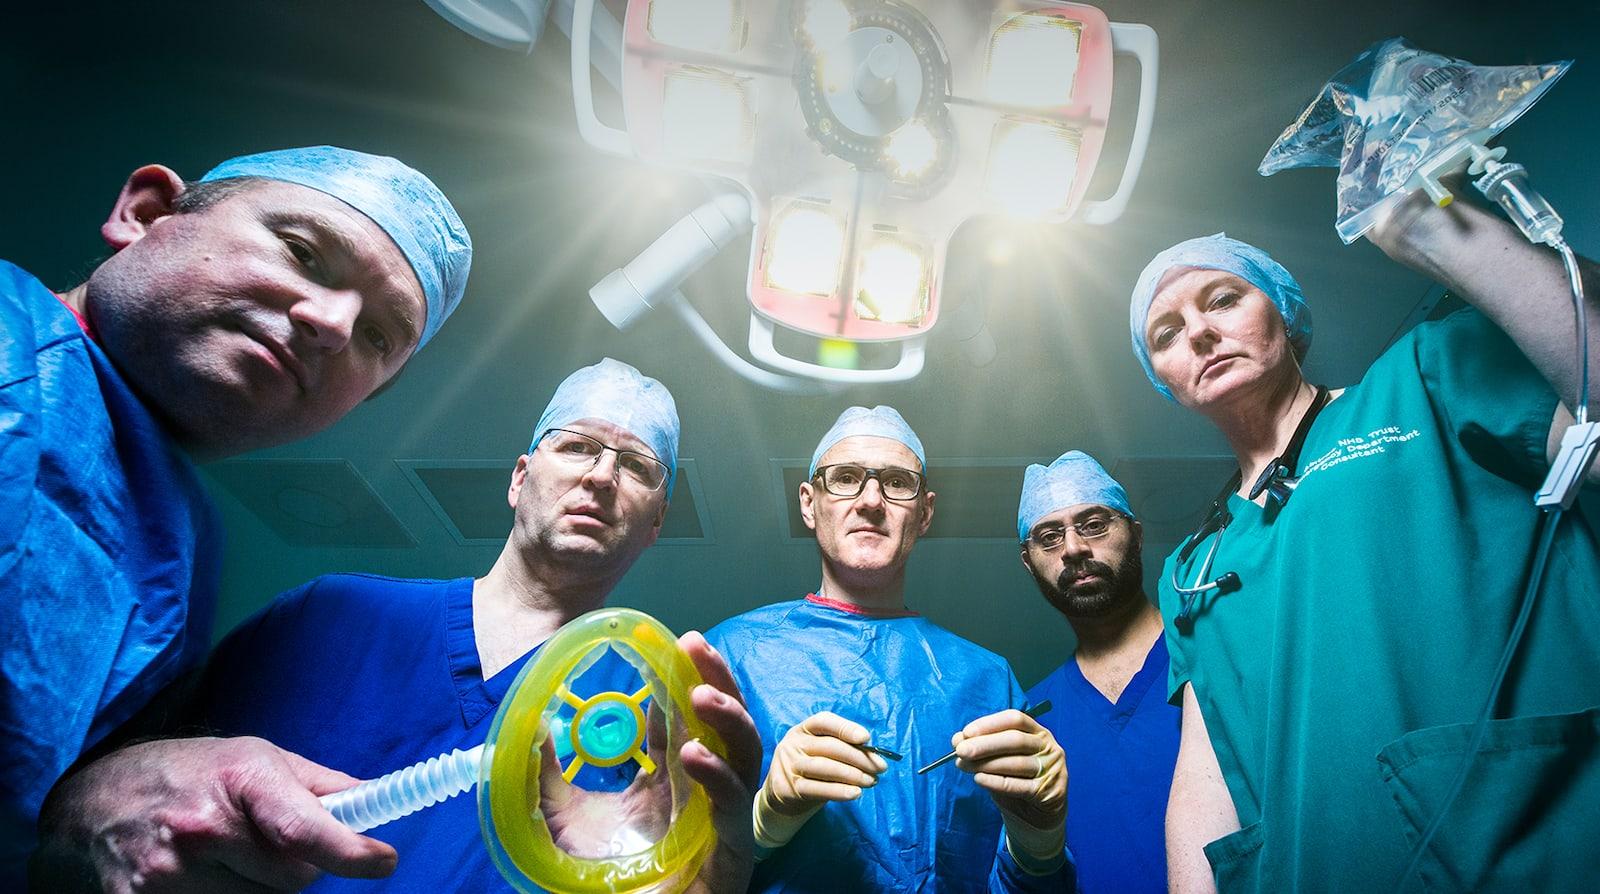 Hôpital : la réalité